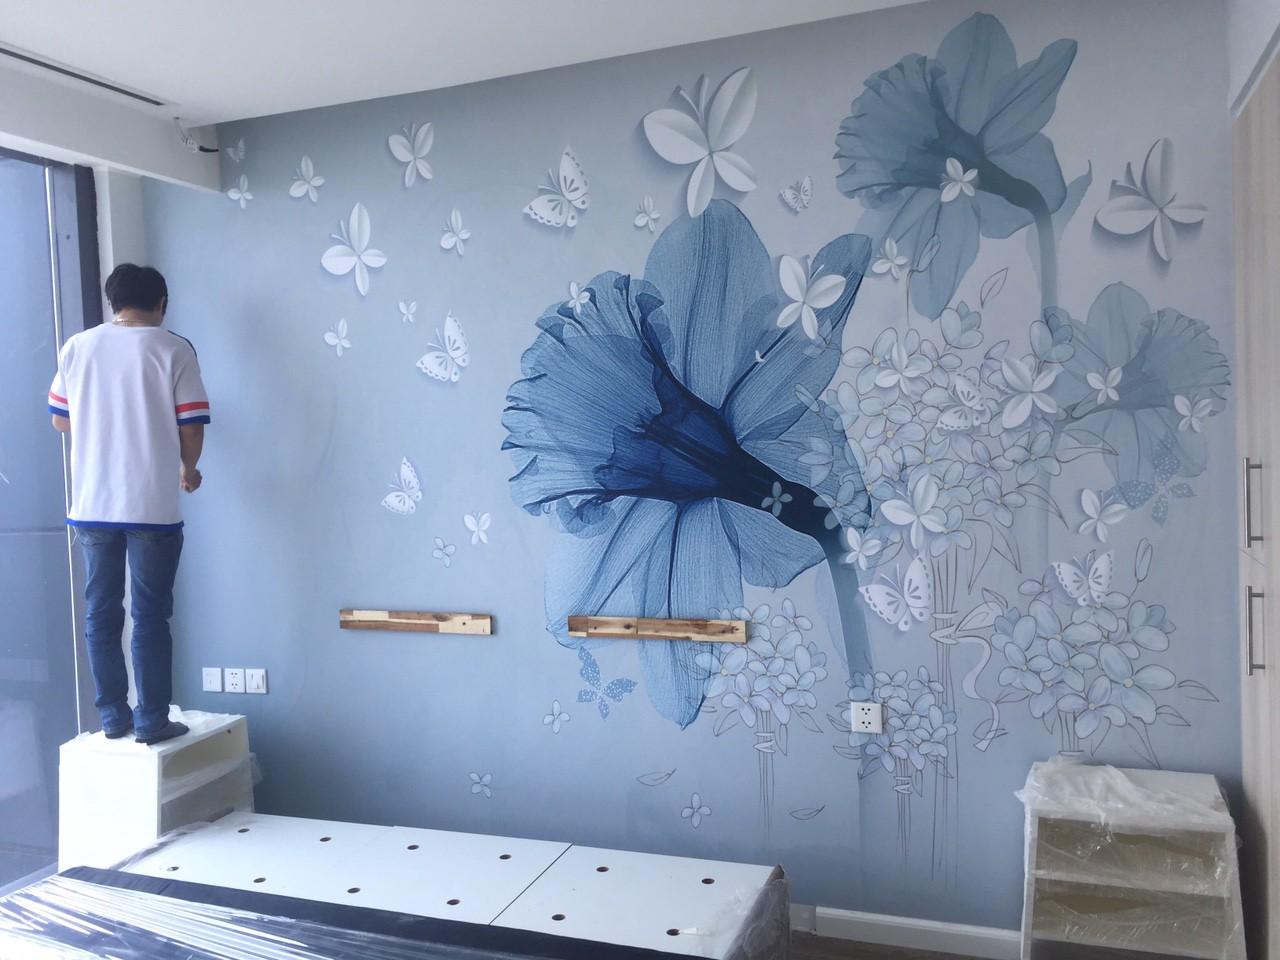 Giá thi công giấy dán tường tại Hải Phòng Theo m2 cho phòng ngủ phòng khách trọn gói giá rẻ nhất 2021 - Giấy dán tường giá bao nhiêu tiền 1m2, Giá